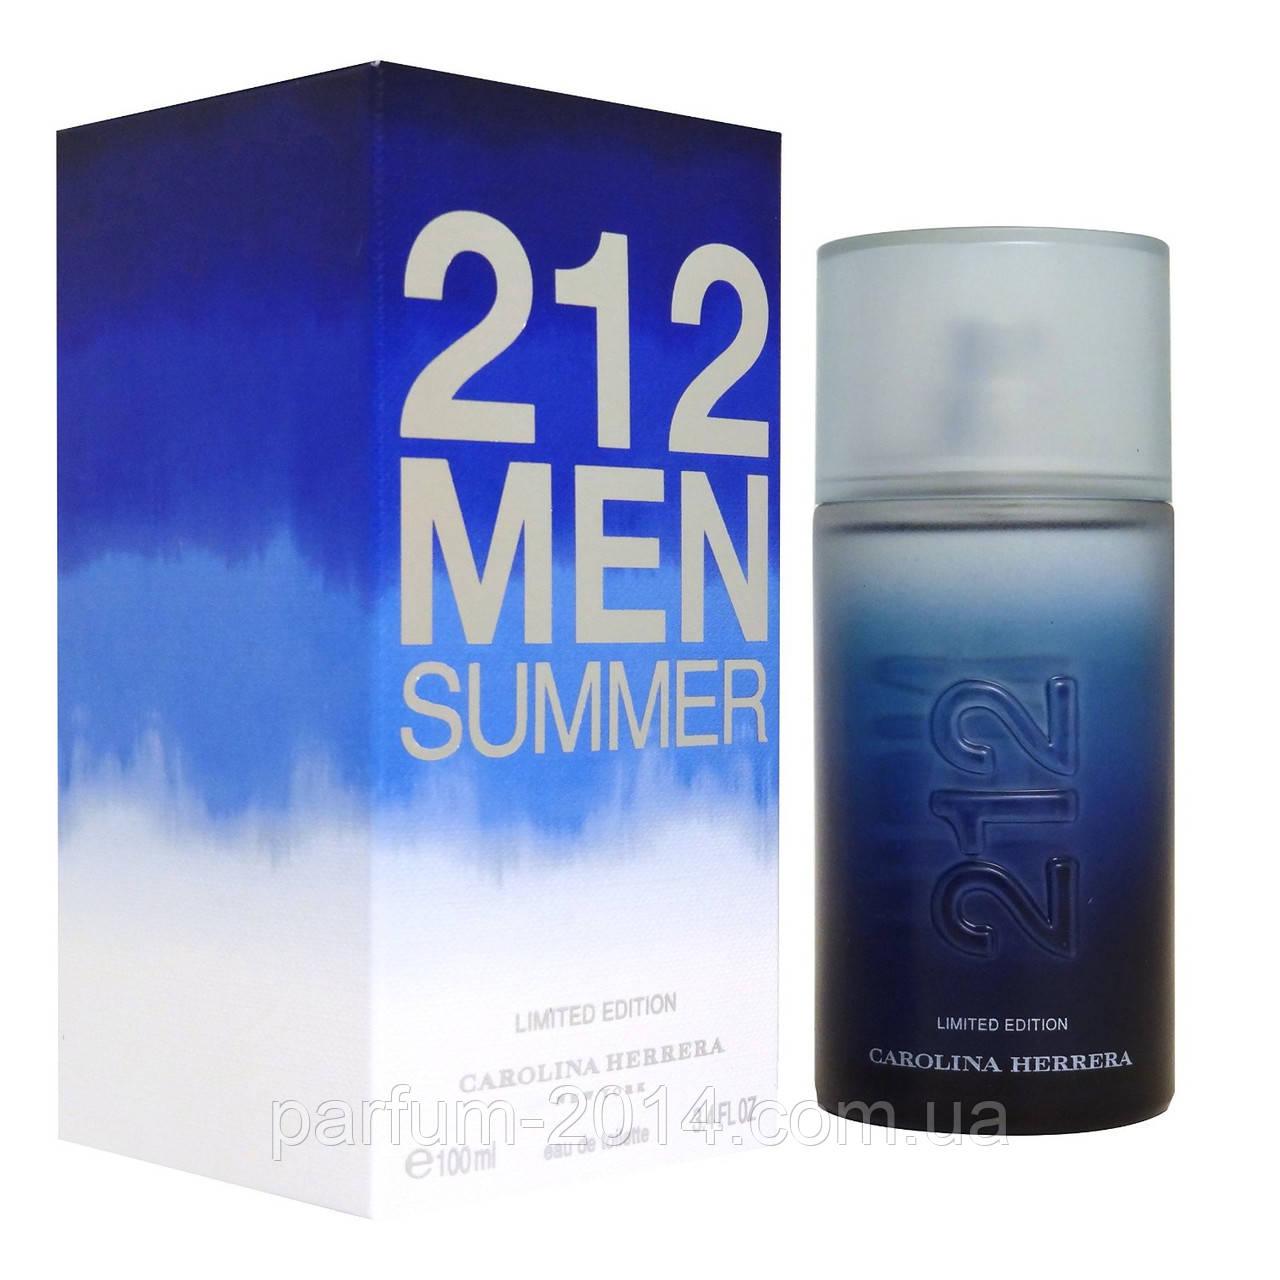 Мужская туалетная вода Carolina Herrera 212 Men Summer Limited Edition (реплика)